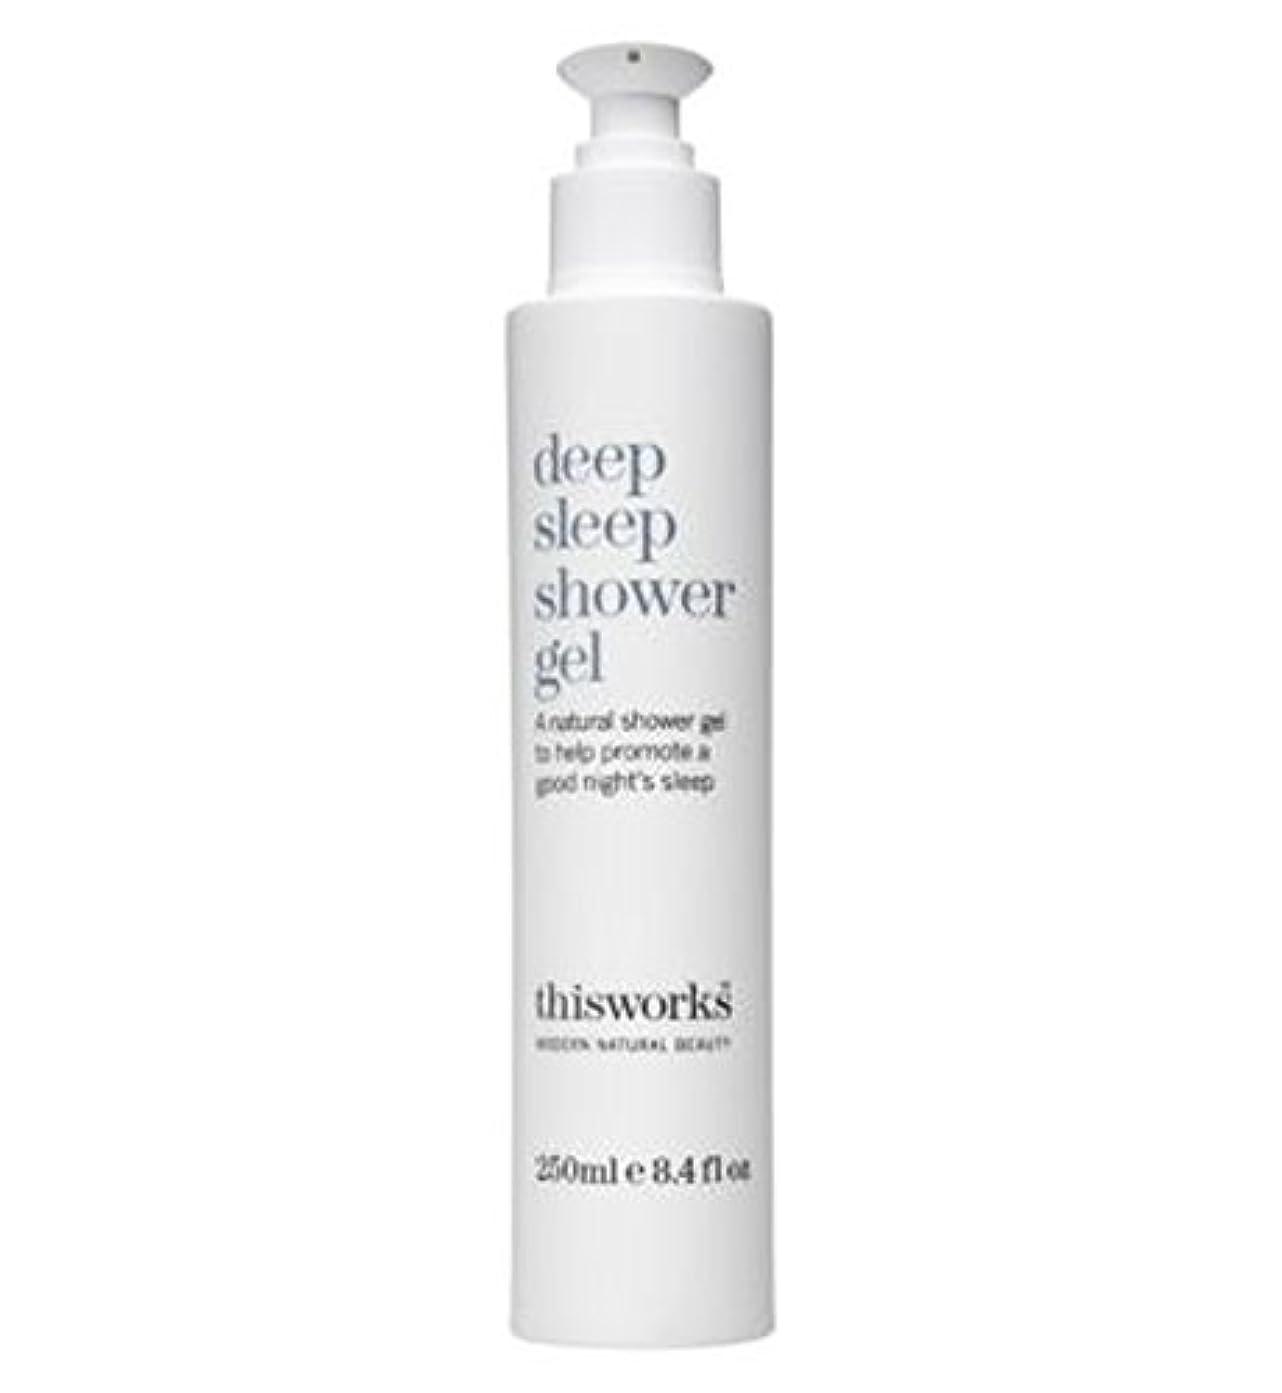 雨環境に優しいのホストこれは、深い眠りシャワージェル250ミリリットルの作品 (This Works) (x2) - this works deep sleep shower gel 250ml (Pack of 2) [並行輸入品]